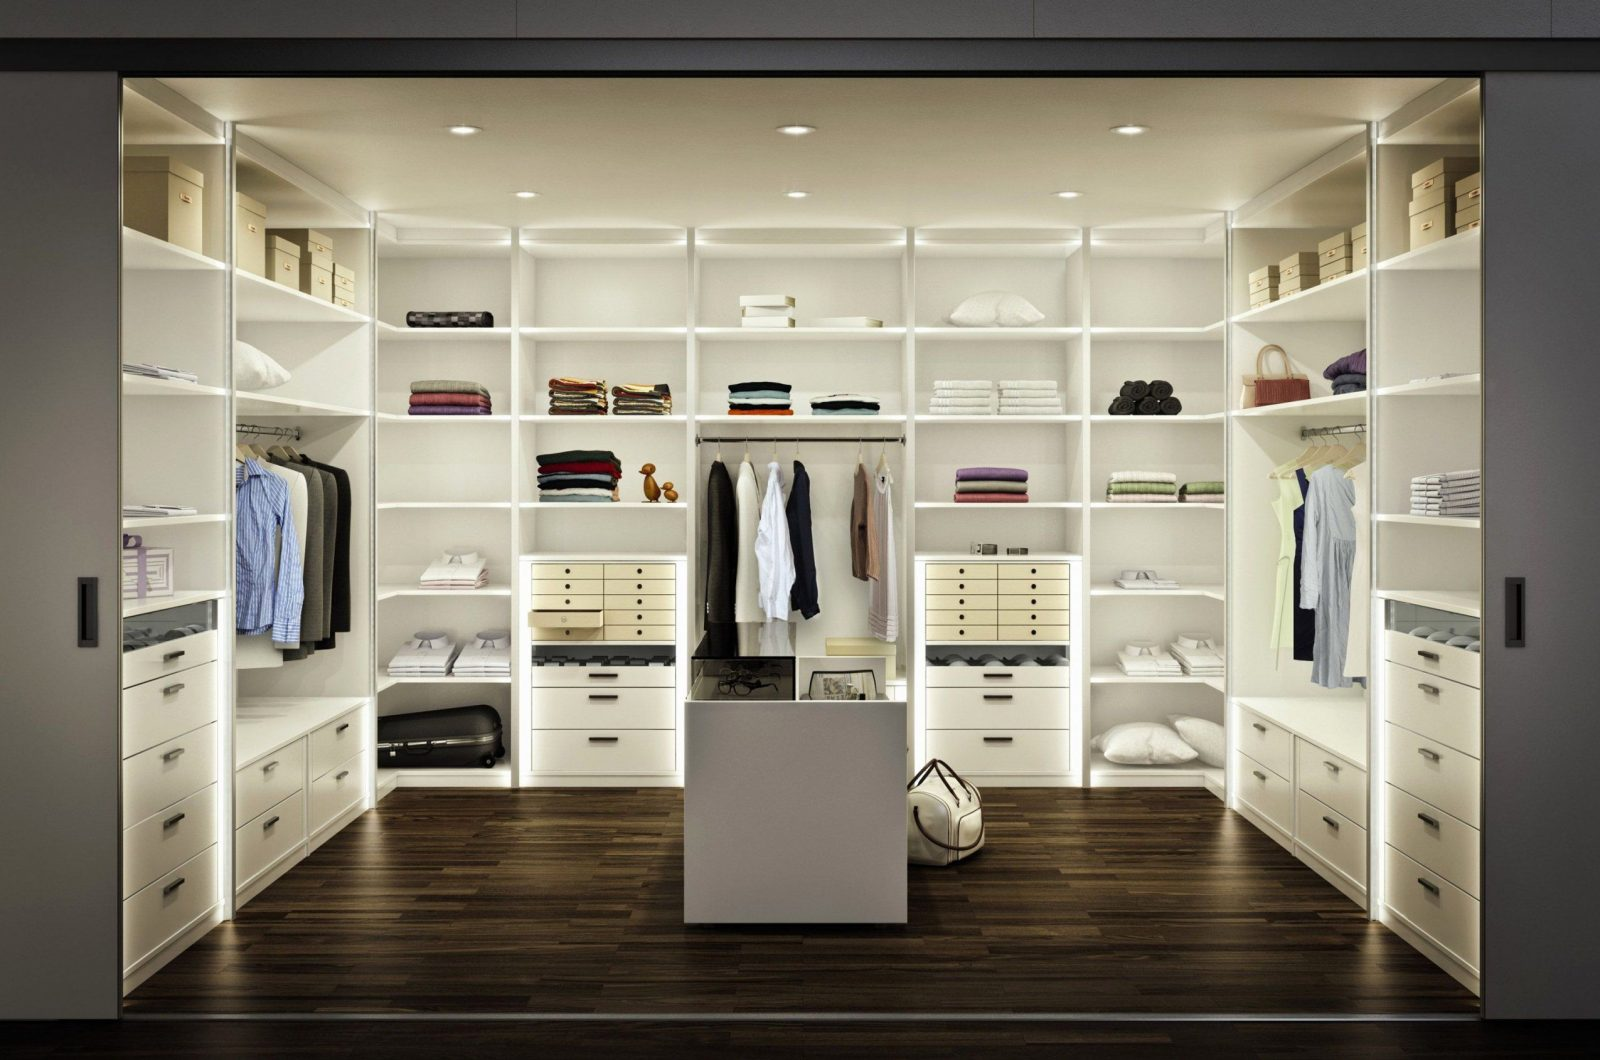 48 Luxus System Kleiderschrank Bilder  Insservicesbiz von Begehbarer Kleiderschrank System Günstig Bild